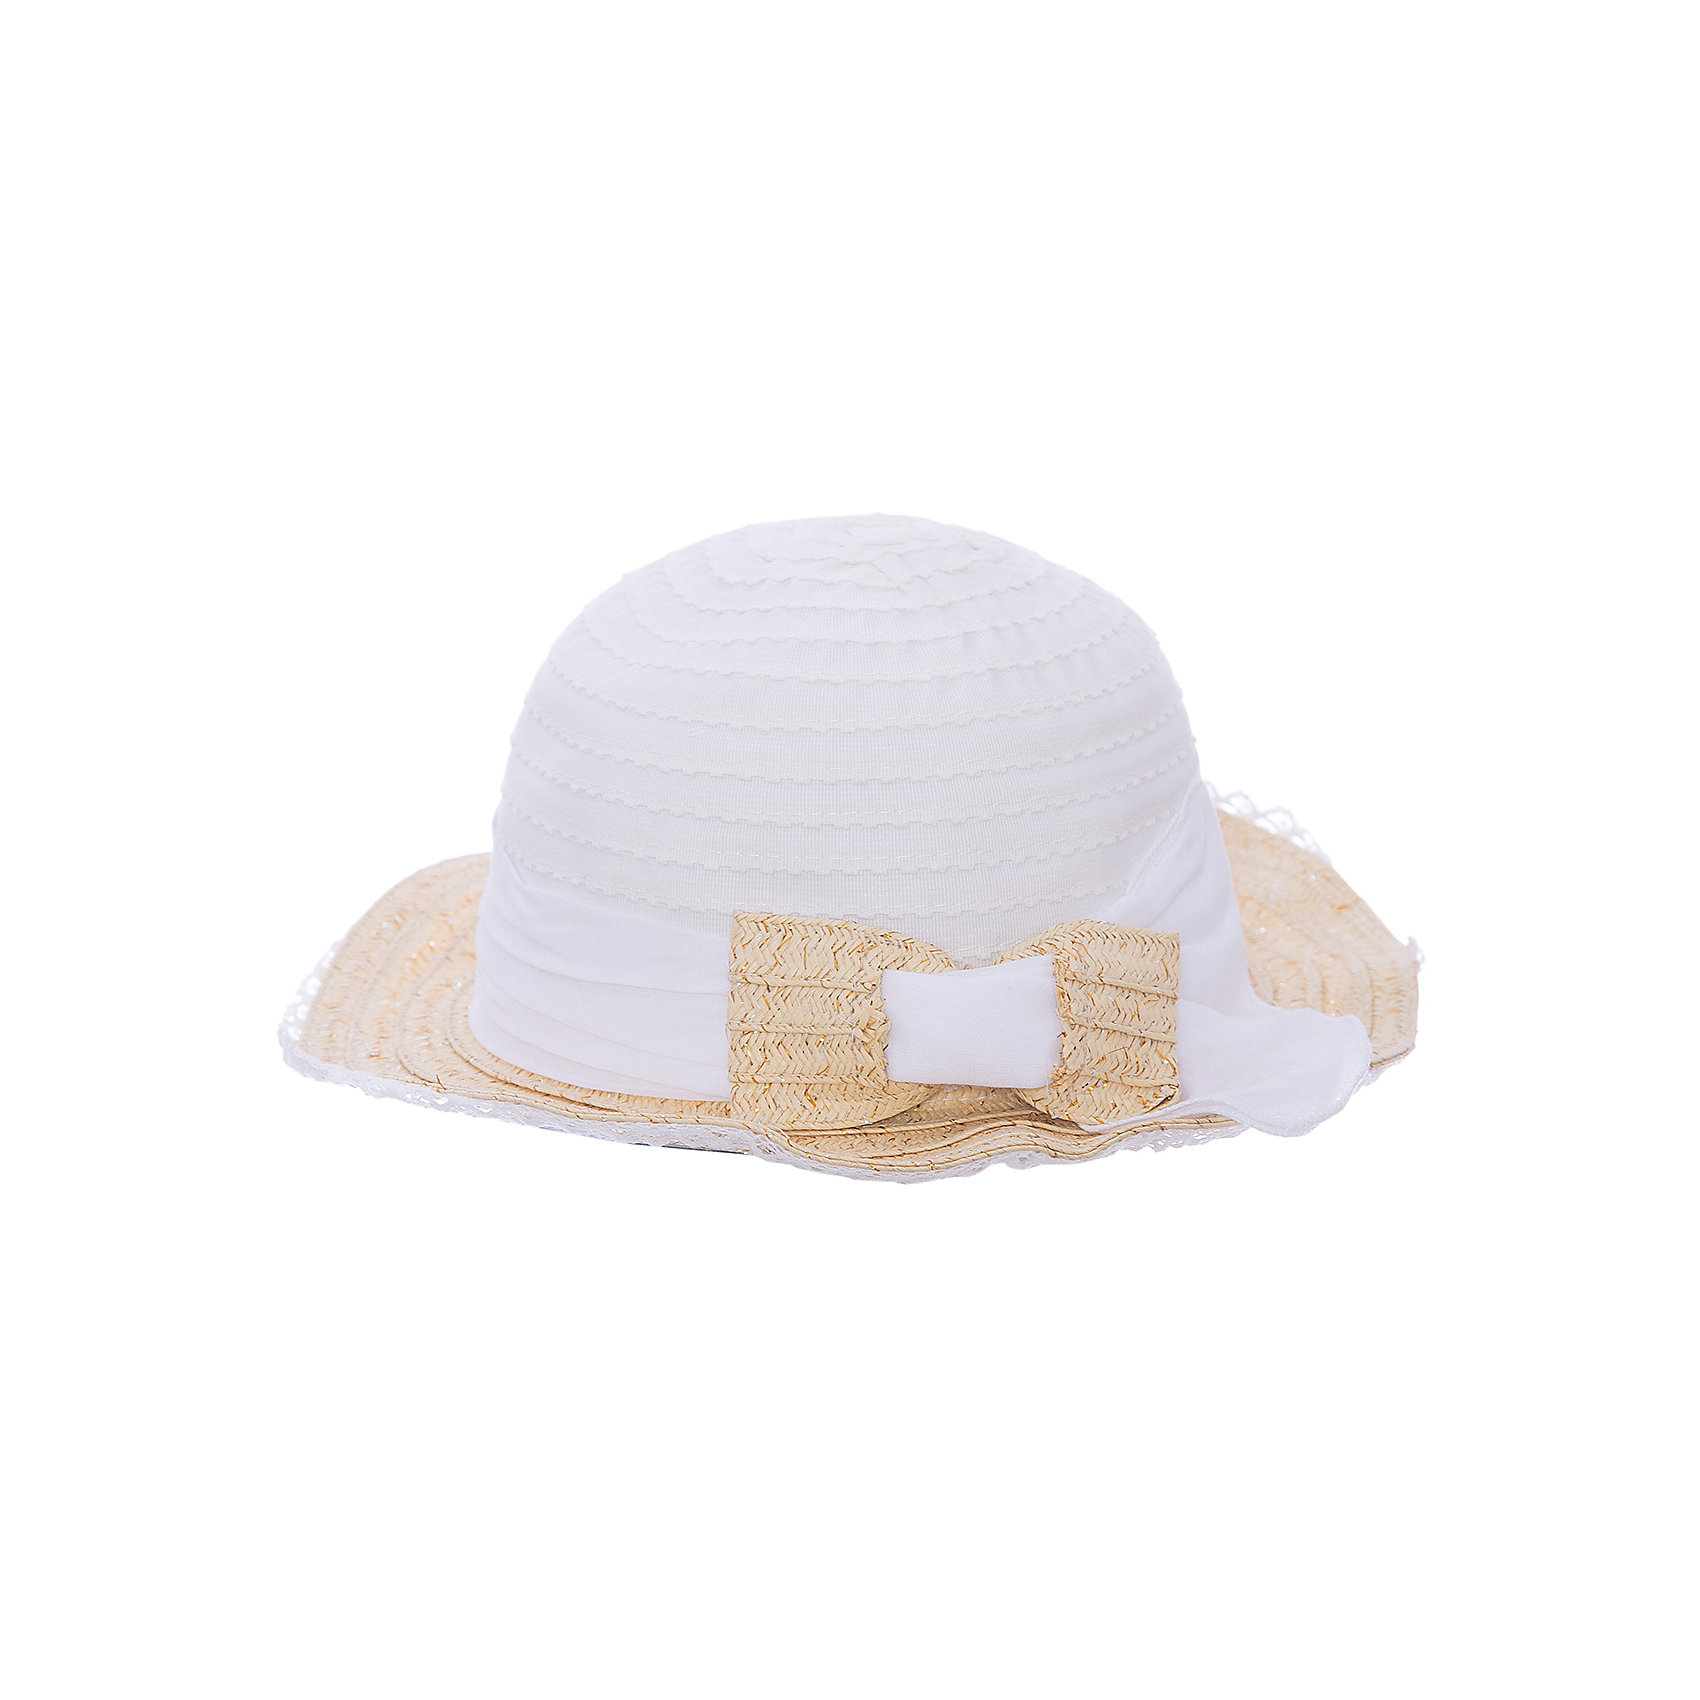 Шляпа для девочки MayoralЛетние<br>Шляпа для девочки от известной марки Mayoral<br><br>Удобная шляпа дополнит образ девочки и убережет голову от перегрева в новом весенне-летнем сезоне. Эта модель разработала специально для девочек. Сделана она из легкого, но прочного материала, украшена бантом.<br><br>Особенности модели:<br><br>- цвет: белый;<br>- украшена бантом;<br>- легкий материал;<br>- классическая форма;<br>- отделана кружевом;<br>- глубокая посадка.<br><br>Дополнительная информация:<br><br>Состав: 50% бумага, 30% полиэстер, 20% хлопок<br> <br>Шляпу для девочки от Mayoral (Майорал) можно купить в нашем магазине.<br><br>Ширина мм: 89<br>Глубина мм: 117<br>Высота мм: 44<br>Вес г: 155<br>Цвет: бежевый<br>Возраст от месяцев: 24<br>Возраст до месяцев: 36<br>Пол: Женский<br>Возраст: Детский<br>Размер: 54,50,52<br>SKU: 4539267